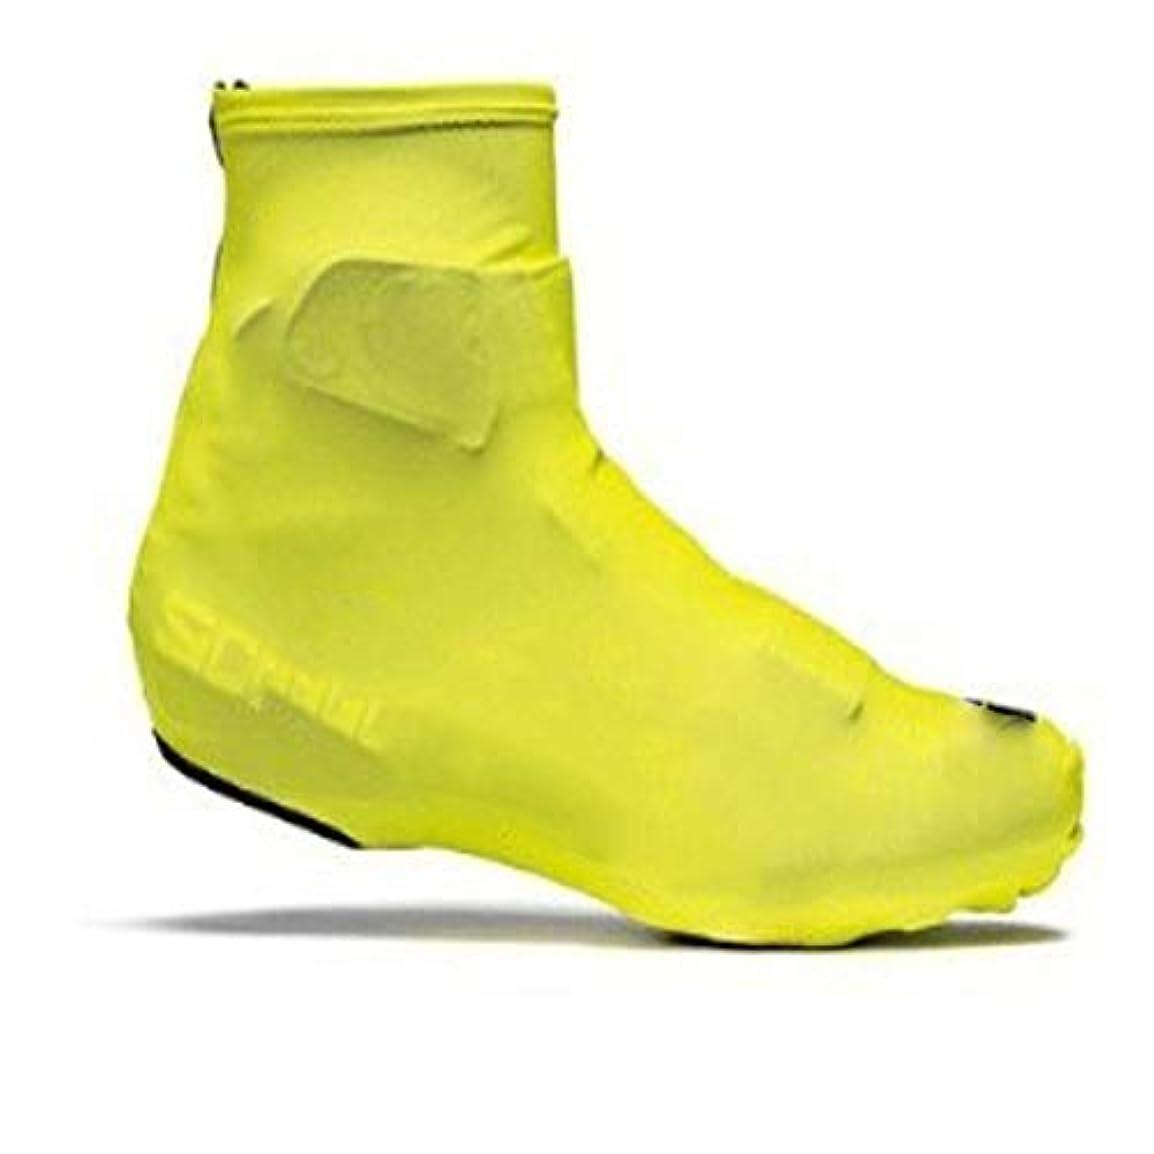 イブ書く気球サイクル防水オーバーシューズ、アウトドアサイクリングハイキング暖かい防風靴カバー雨雪ブーツプロテクター足ゲイターブラック (Color : Yellow, Size : EU-40)